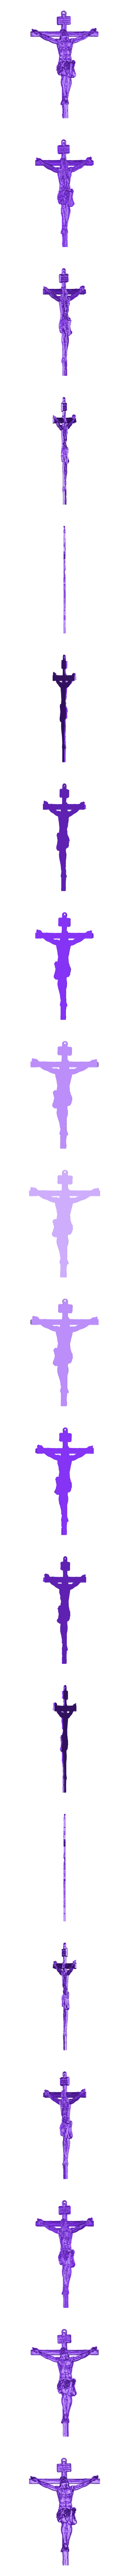 jesus_LITHOPHANE.stl Télécharger fichier STL gratuit Litophanie Jésus-Christ • Plan pour impression 3D, 3dlito